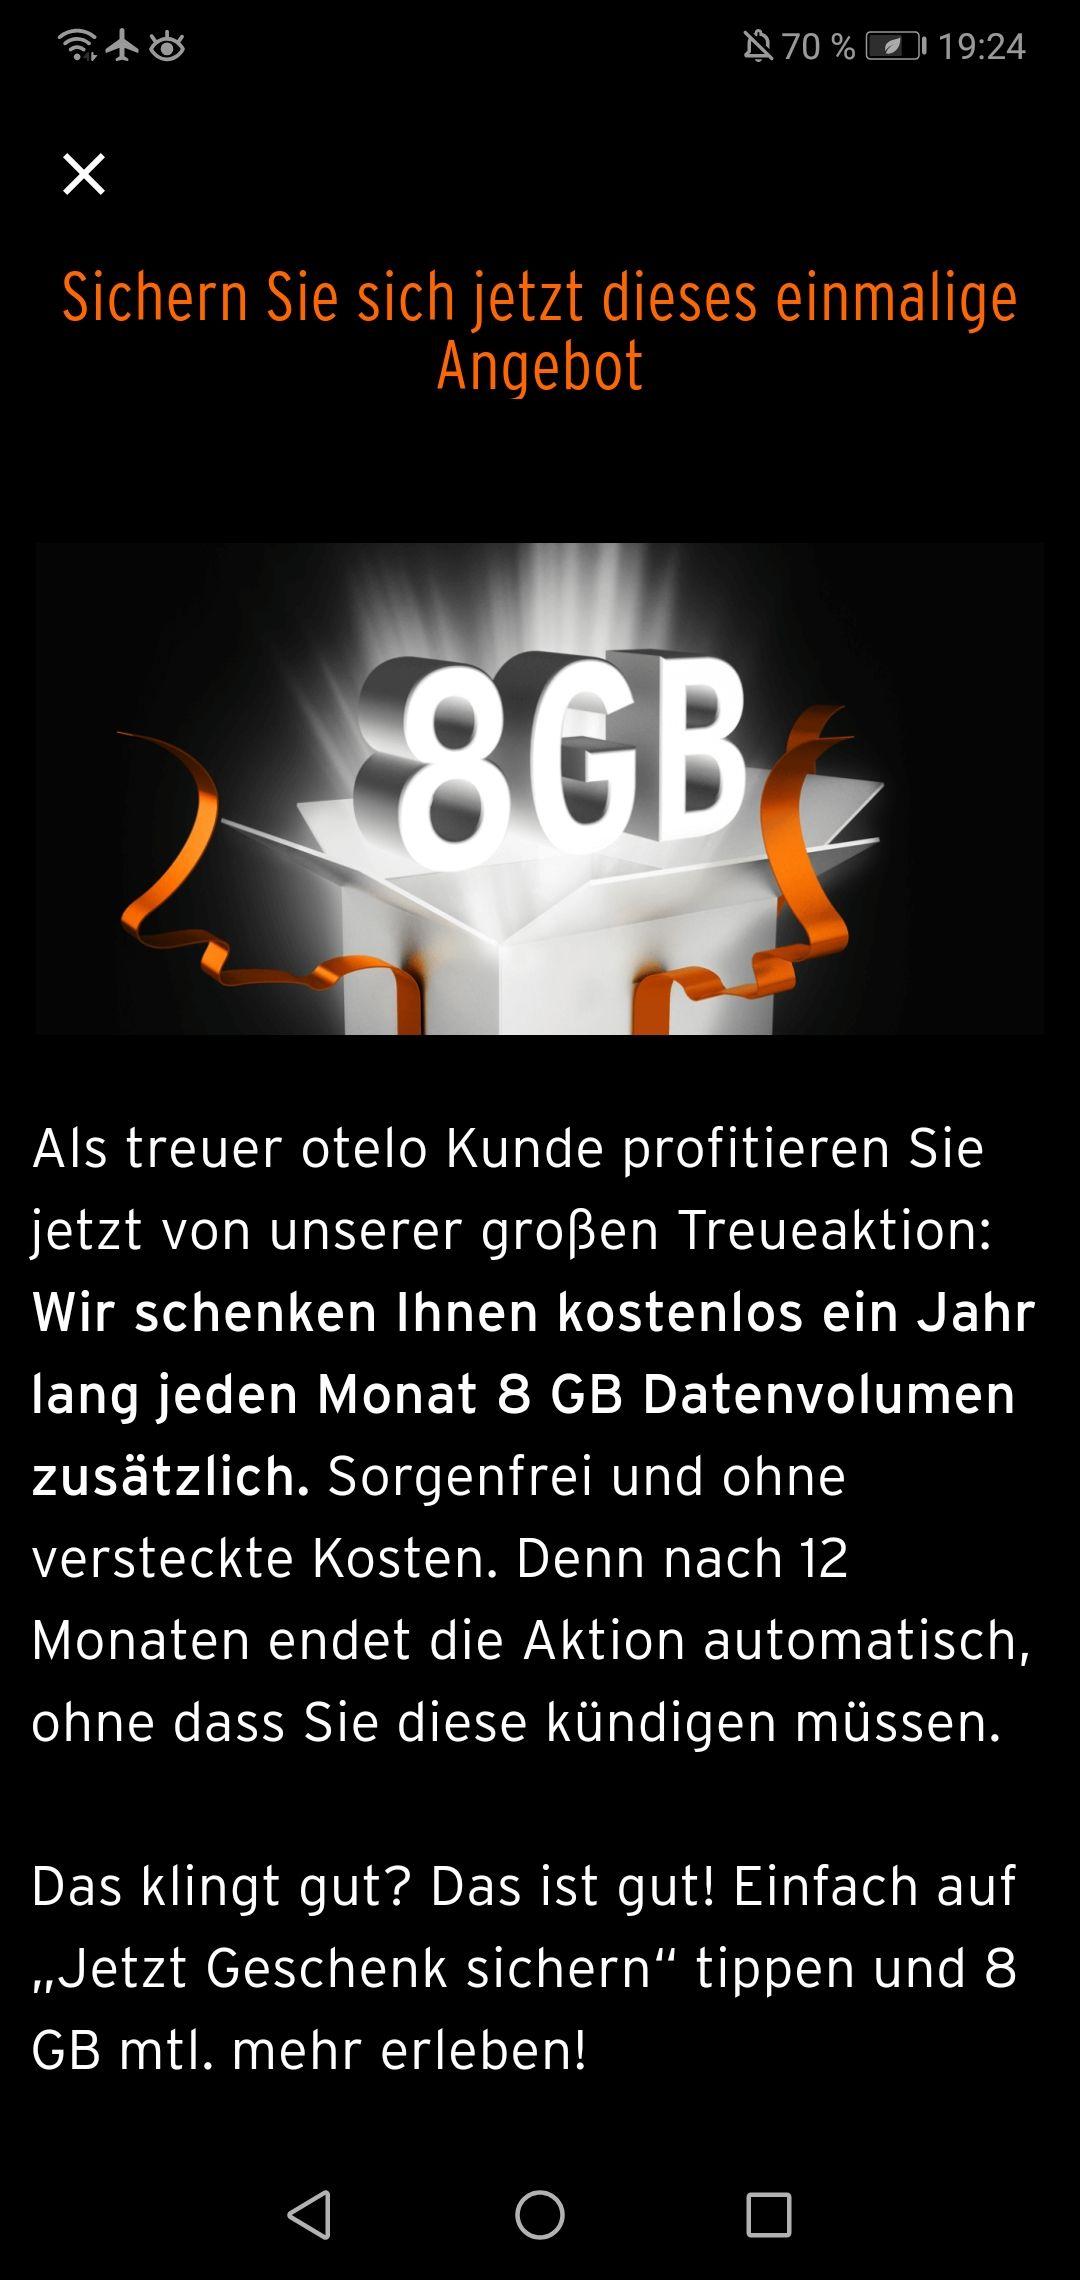 Otelo +8GB für (ausgewählte?) Bestandskunden